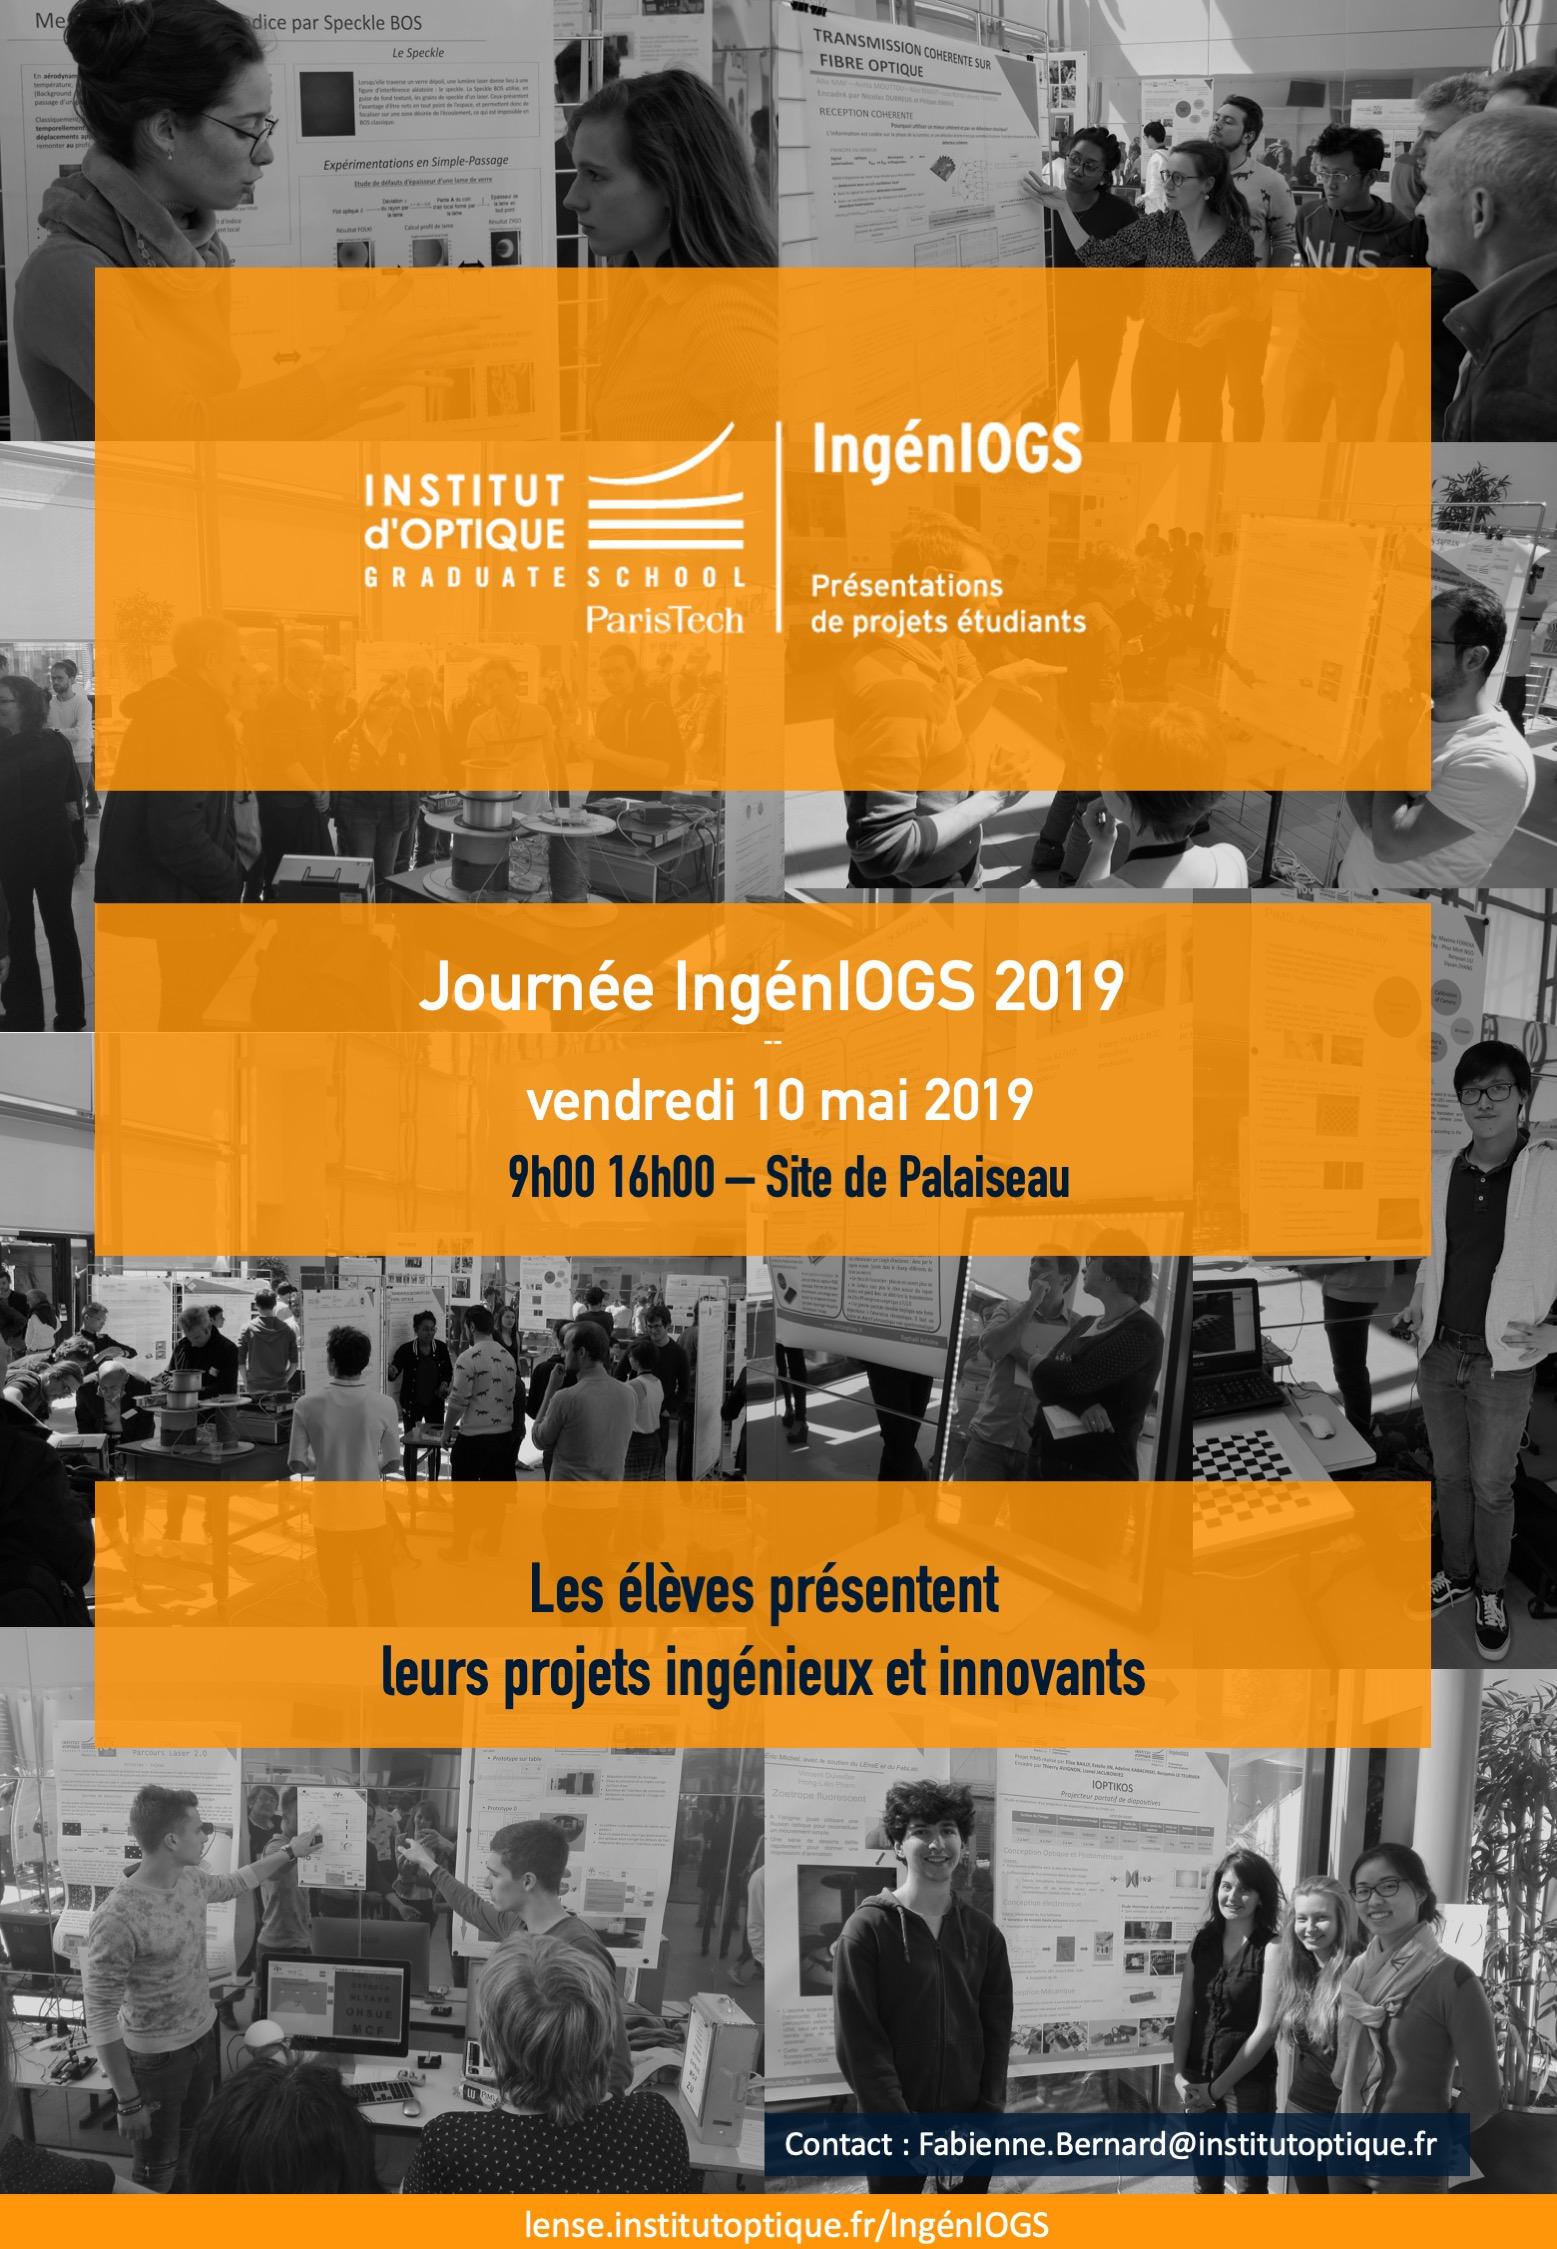 Journée IngénIOGS 2019